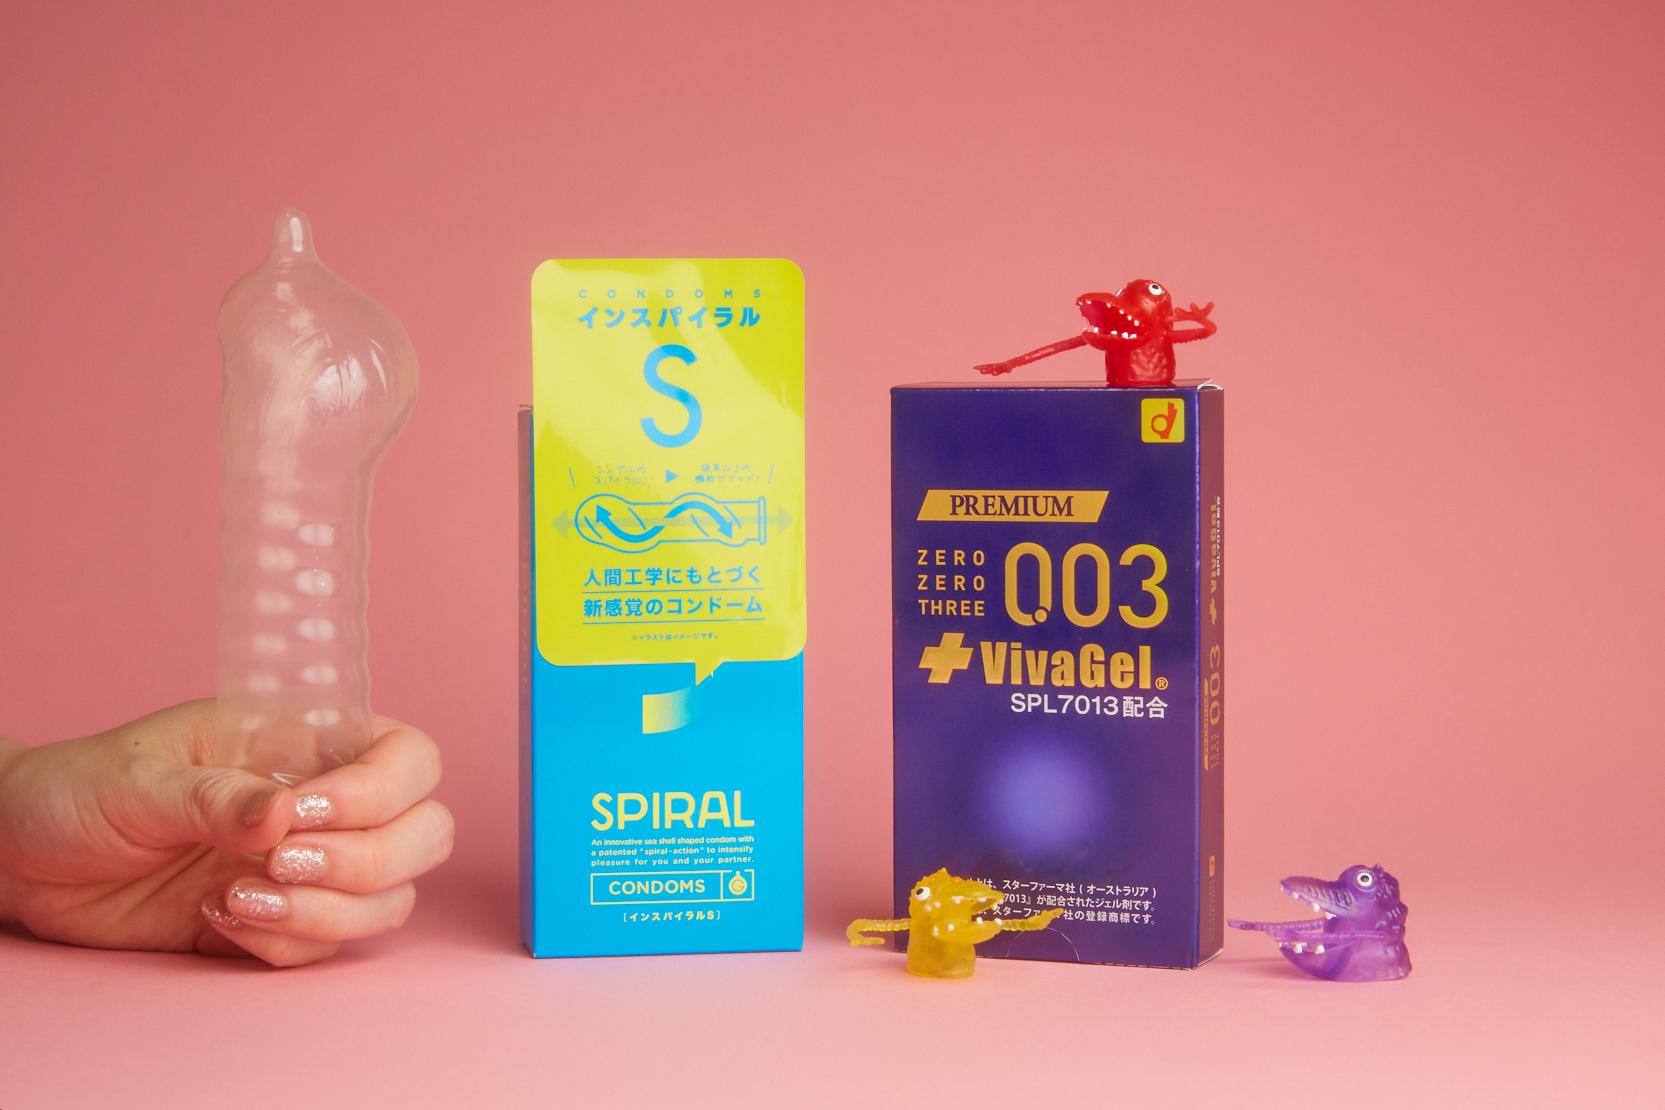 悩み別コンドーム5選